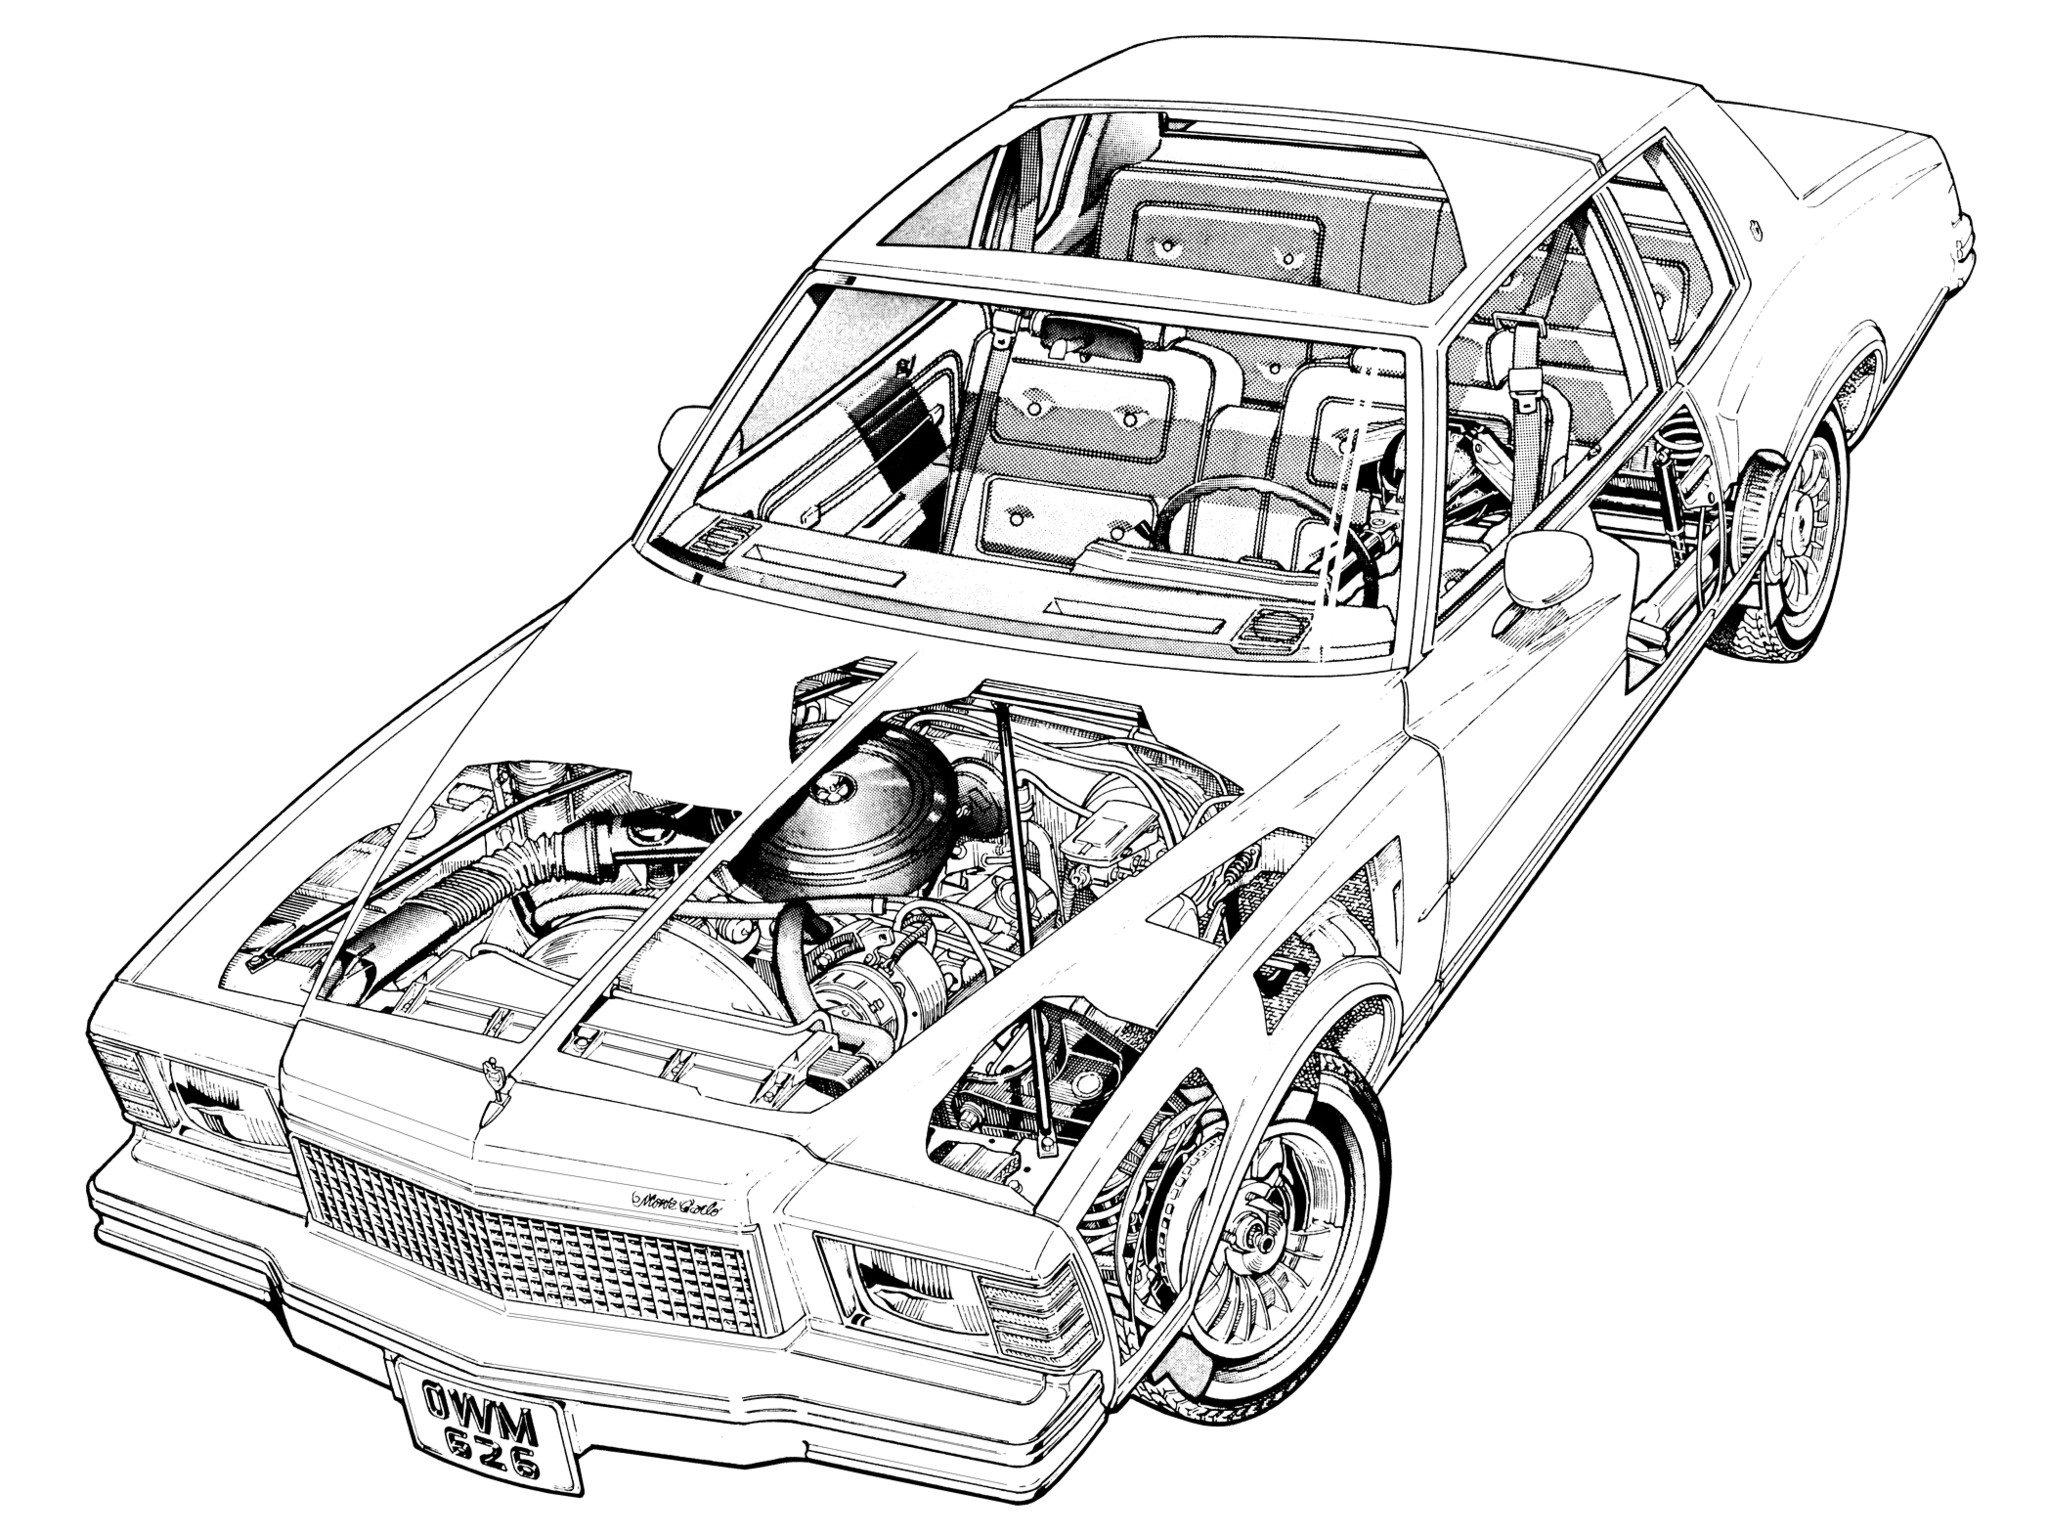 1978 Chevrolet Monte Carlo Cutaway Design Sketch